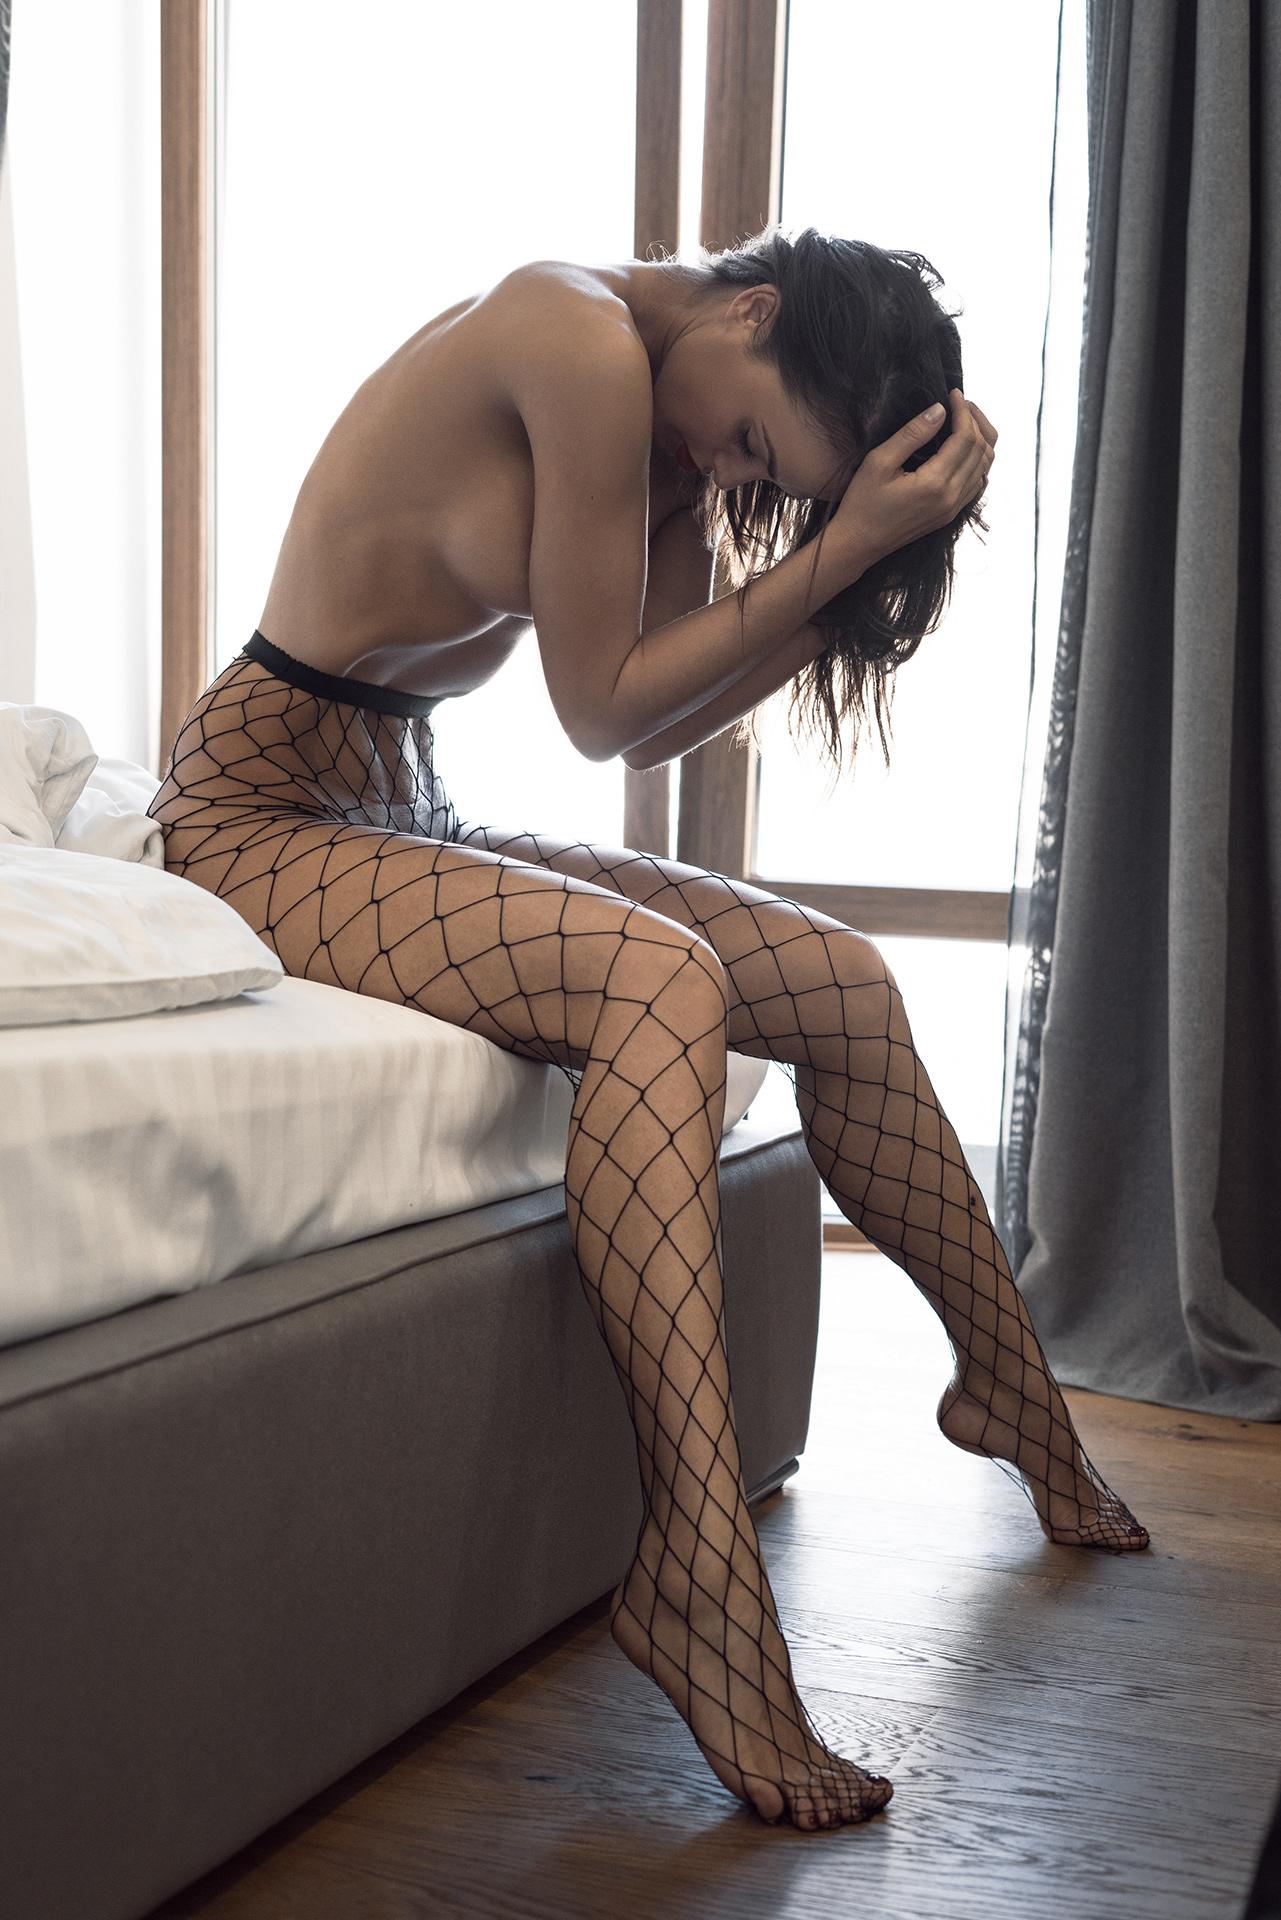 Nataly / фото Артур Каплун